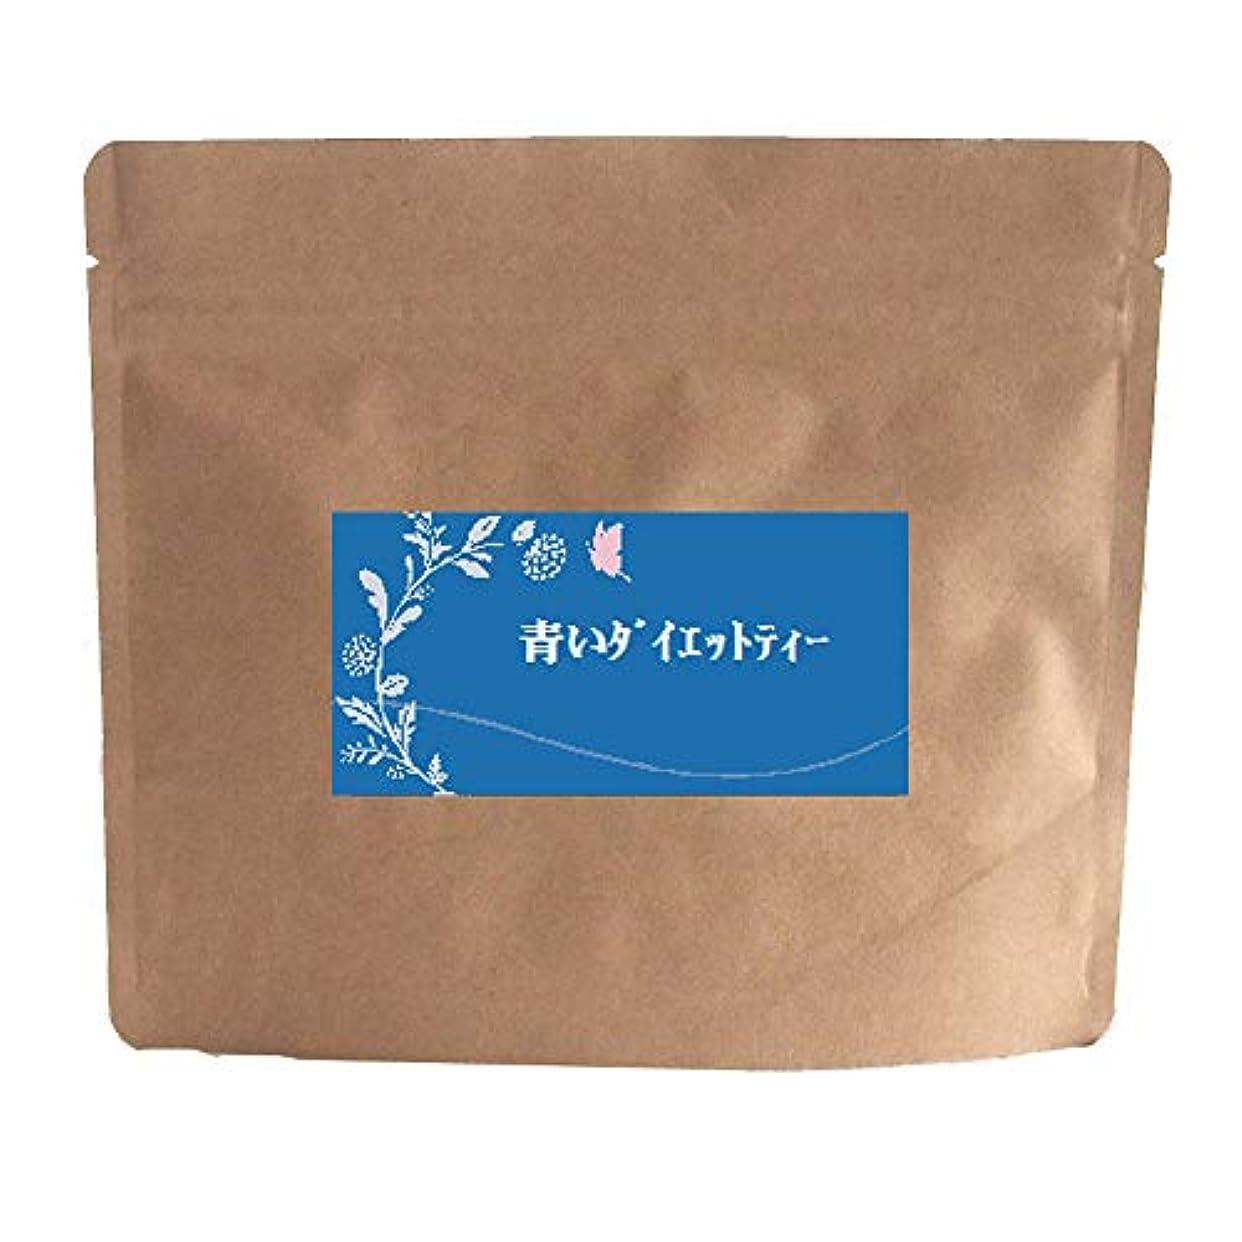 ボードモンゴメリーシフト青いダイエットティー312g バタフライピー 難消化性デキストリン ダイエットドリンク 粉末 パウダー